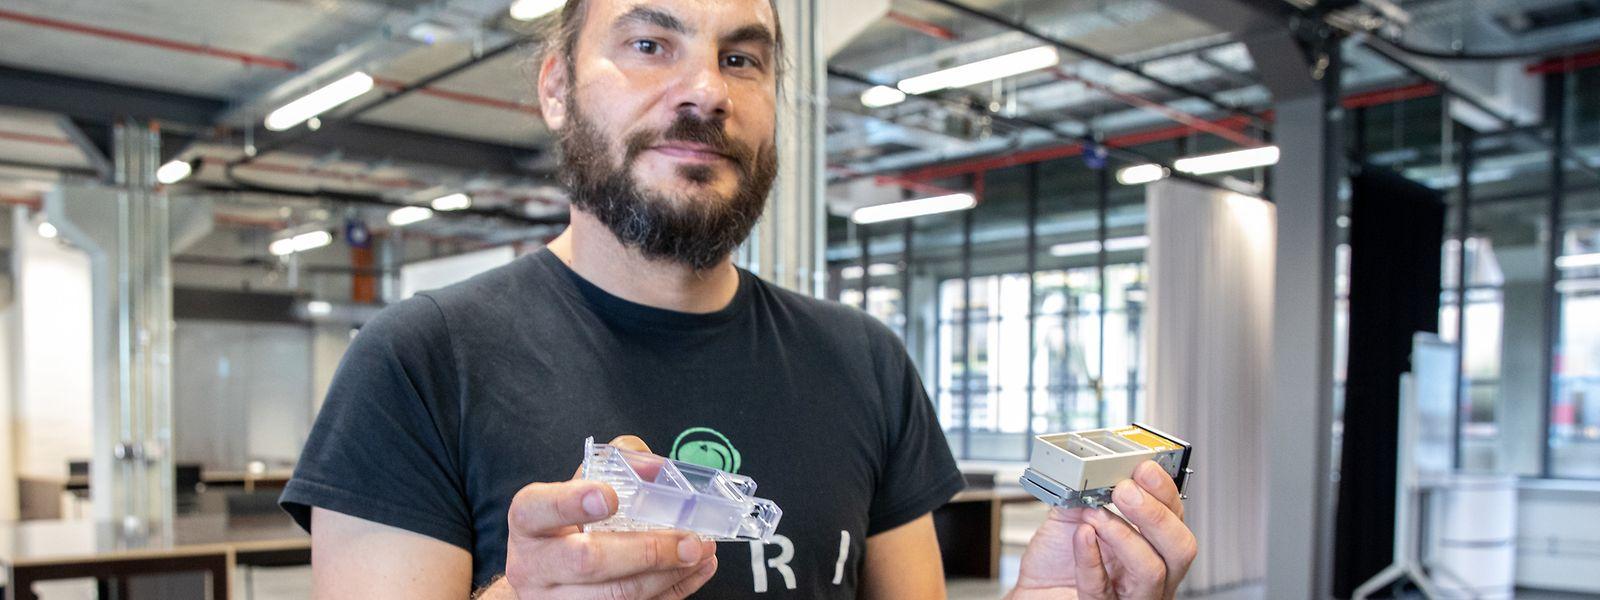 Christian Bruderrek ist einer der Gründer des Start-ups Yuri.